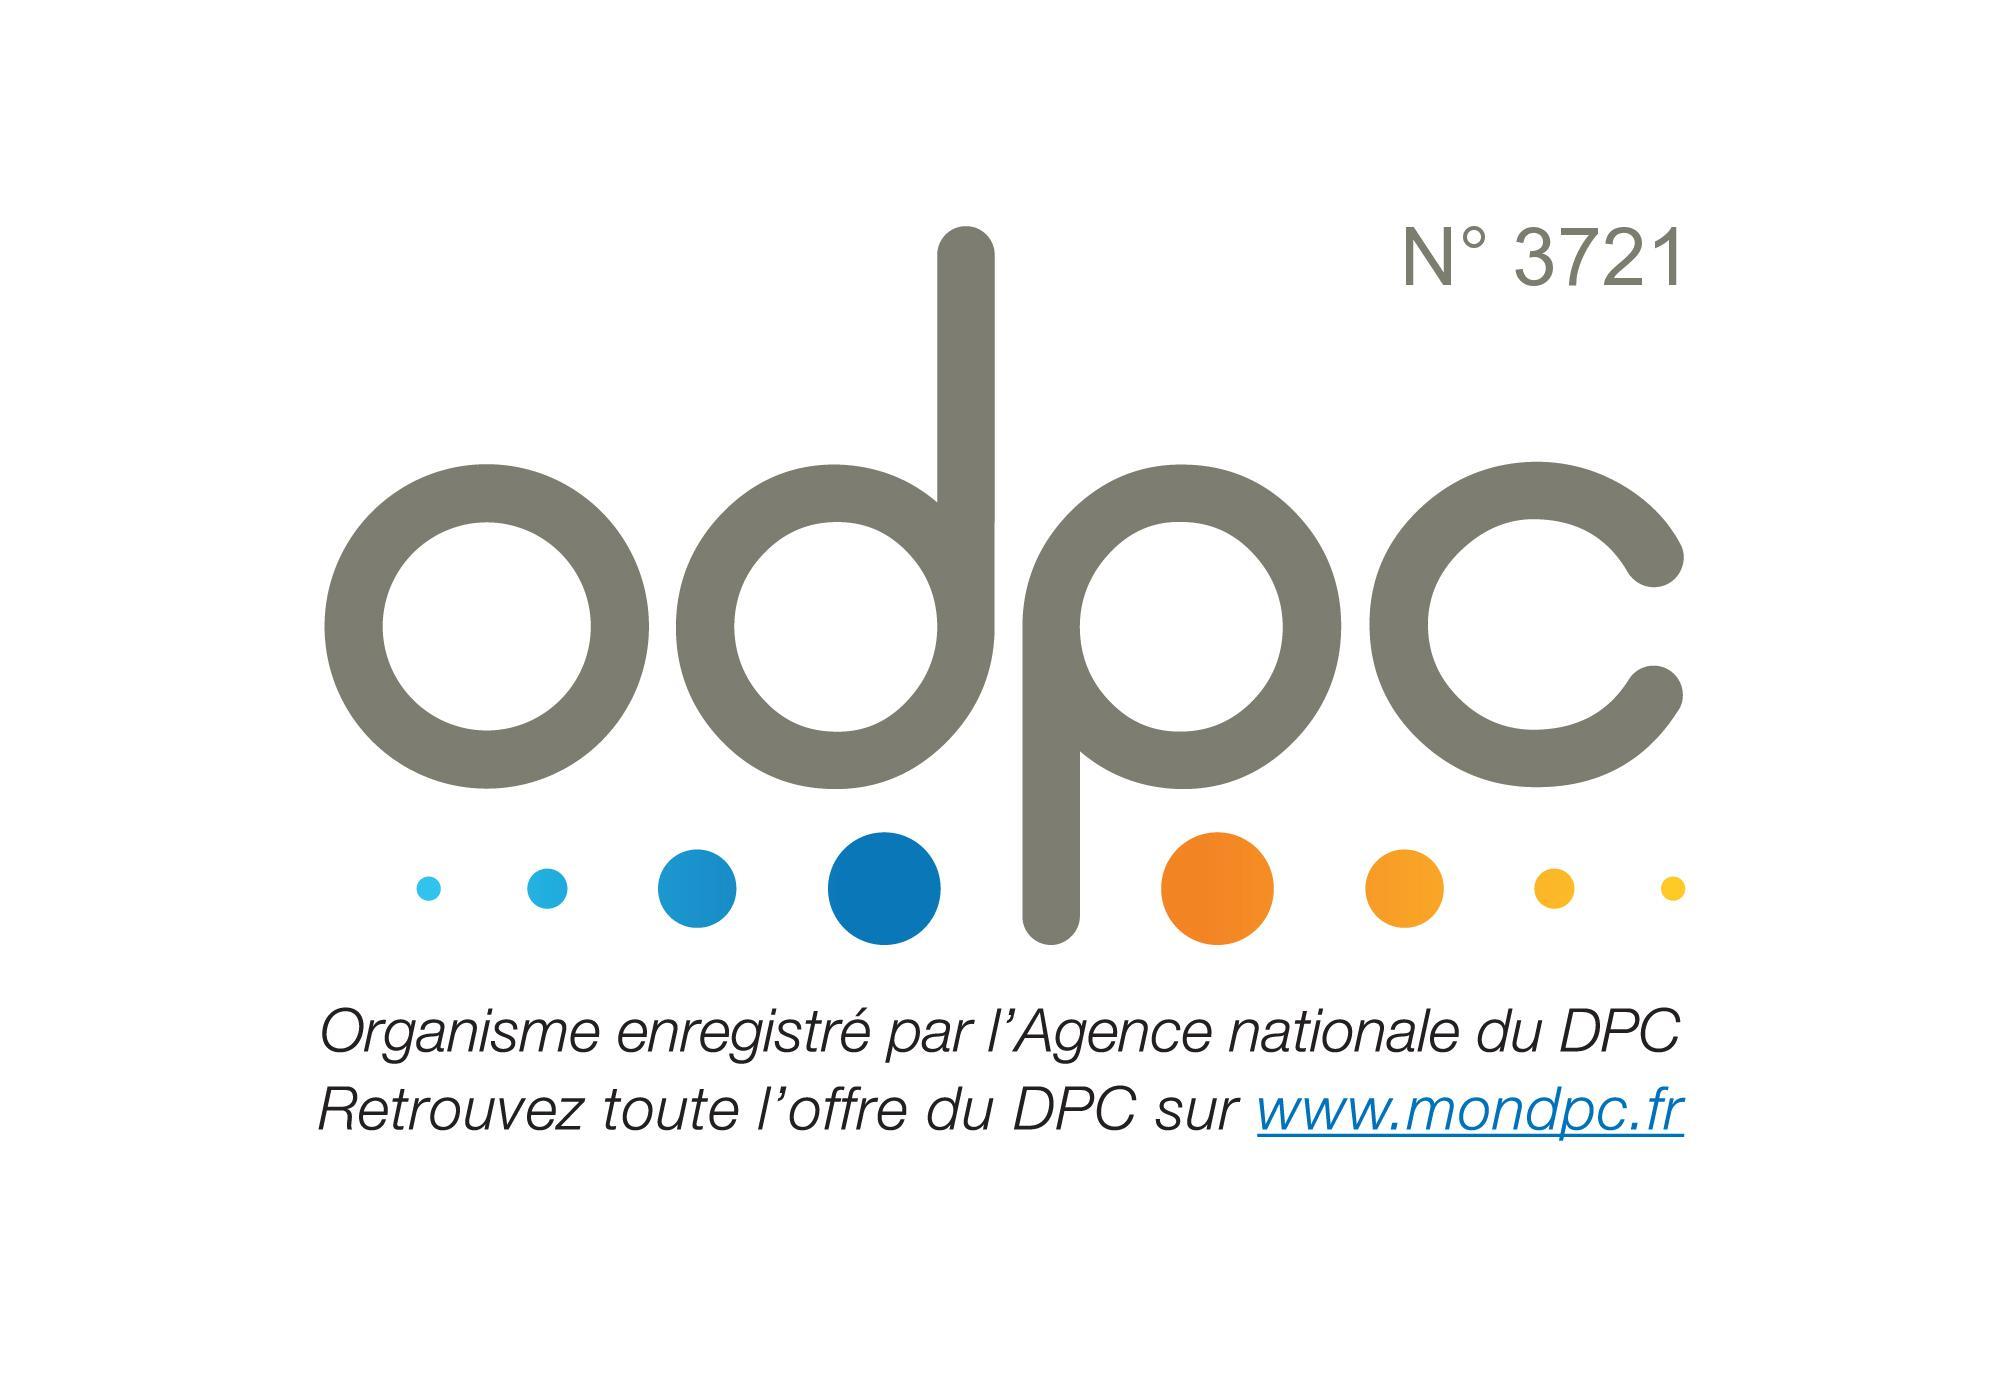 logo odpc.jpg